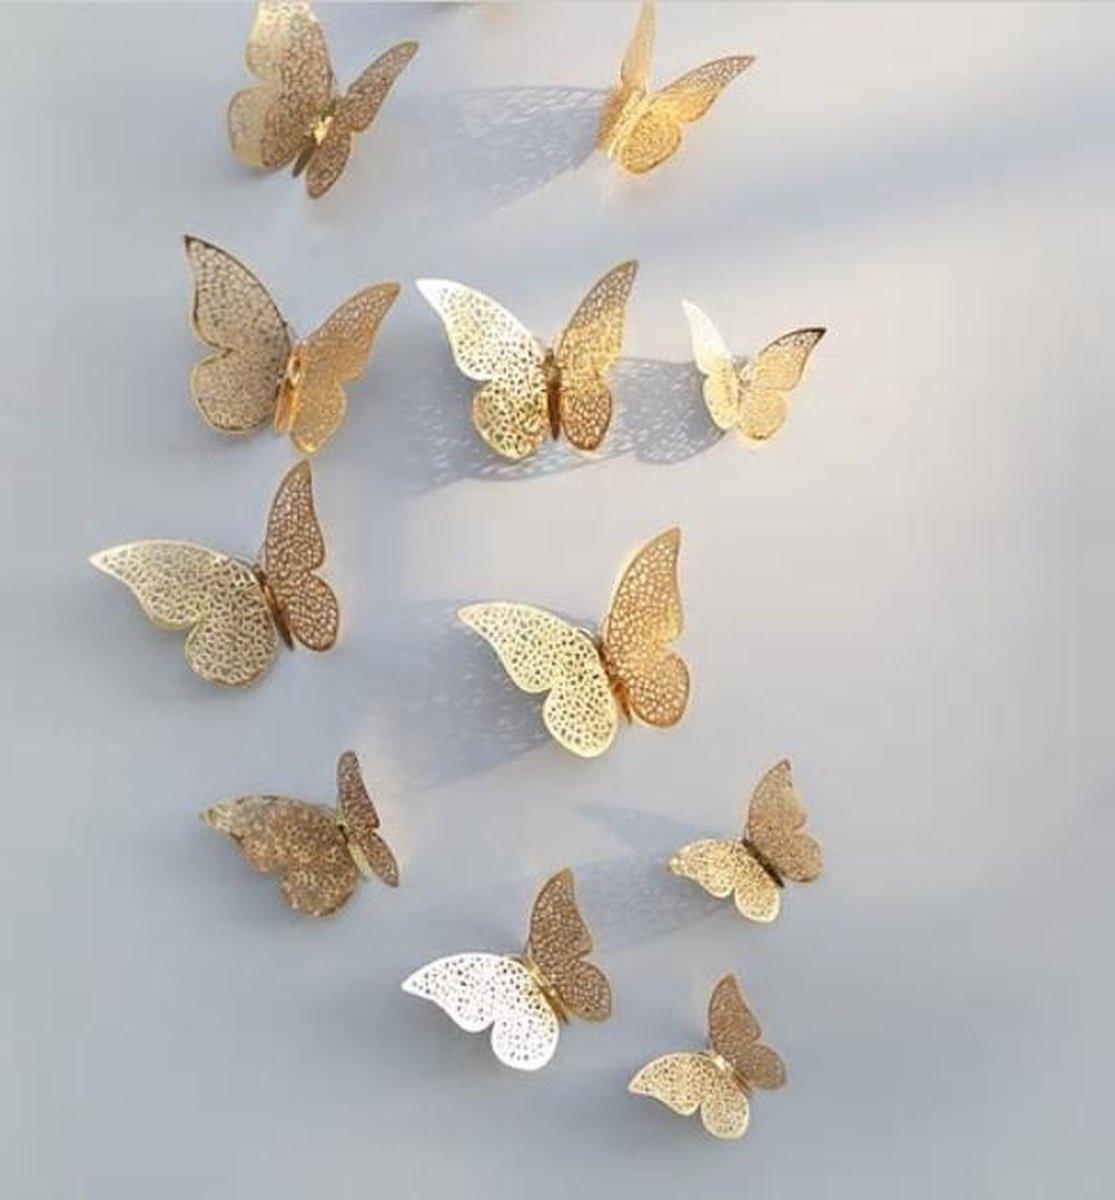 3D Gouden Vlinders - Muurstickers Van Gouden Vlinders - Unieke Decoratieve Muursticker muurvlinders